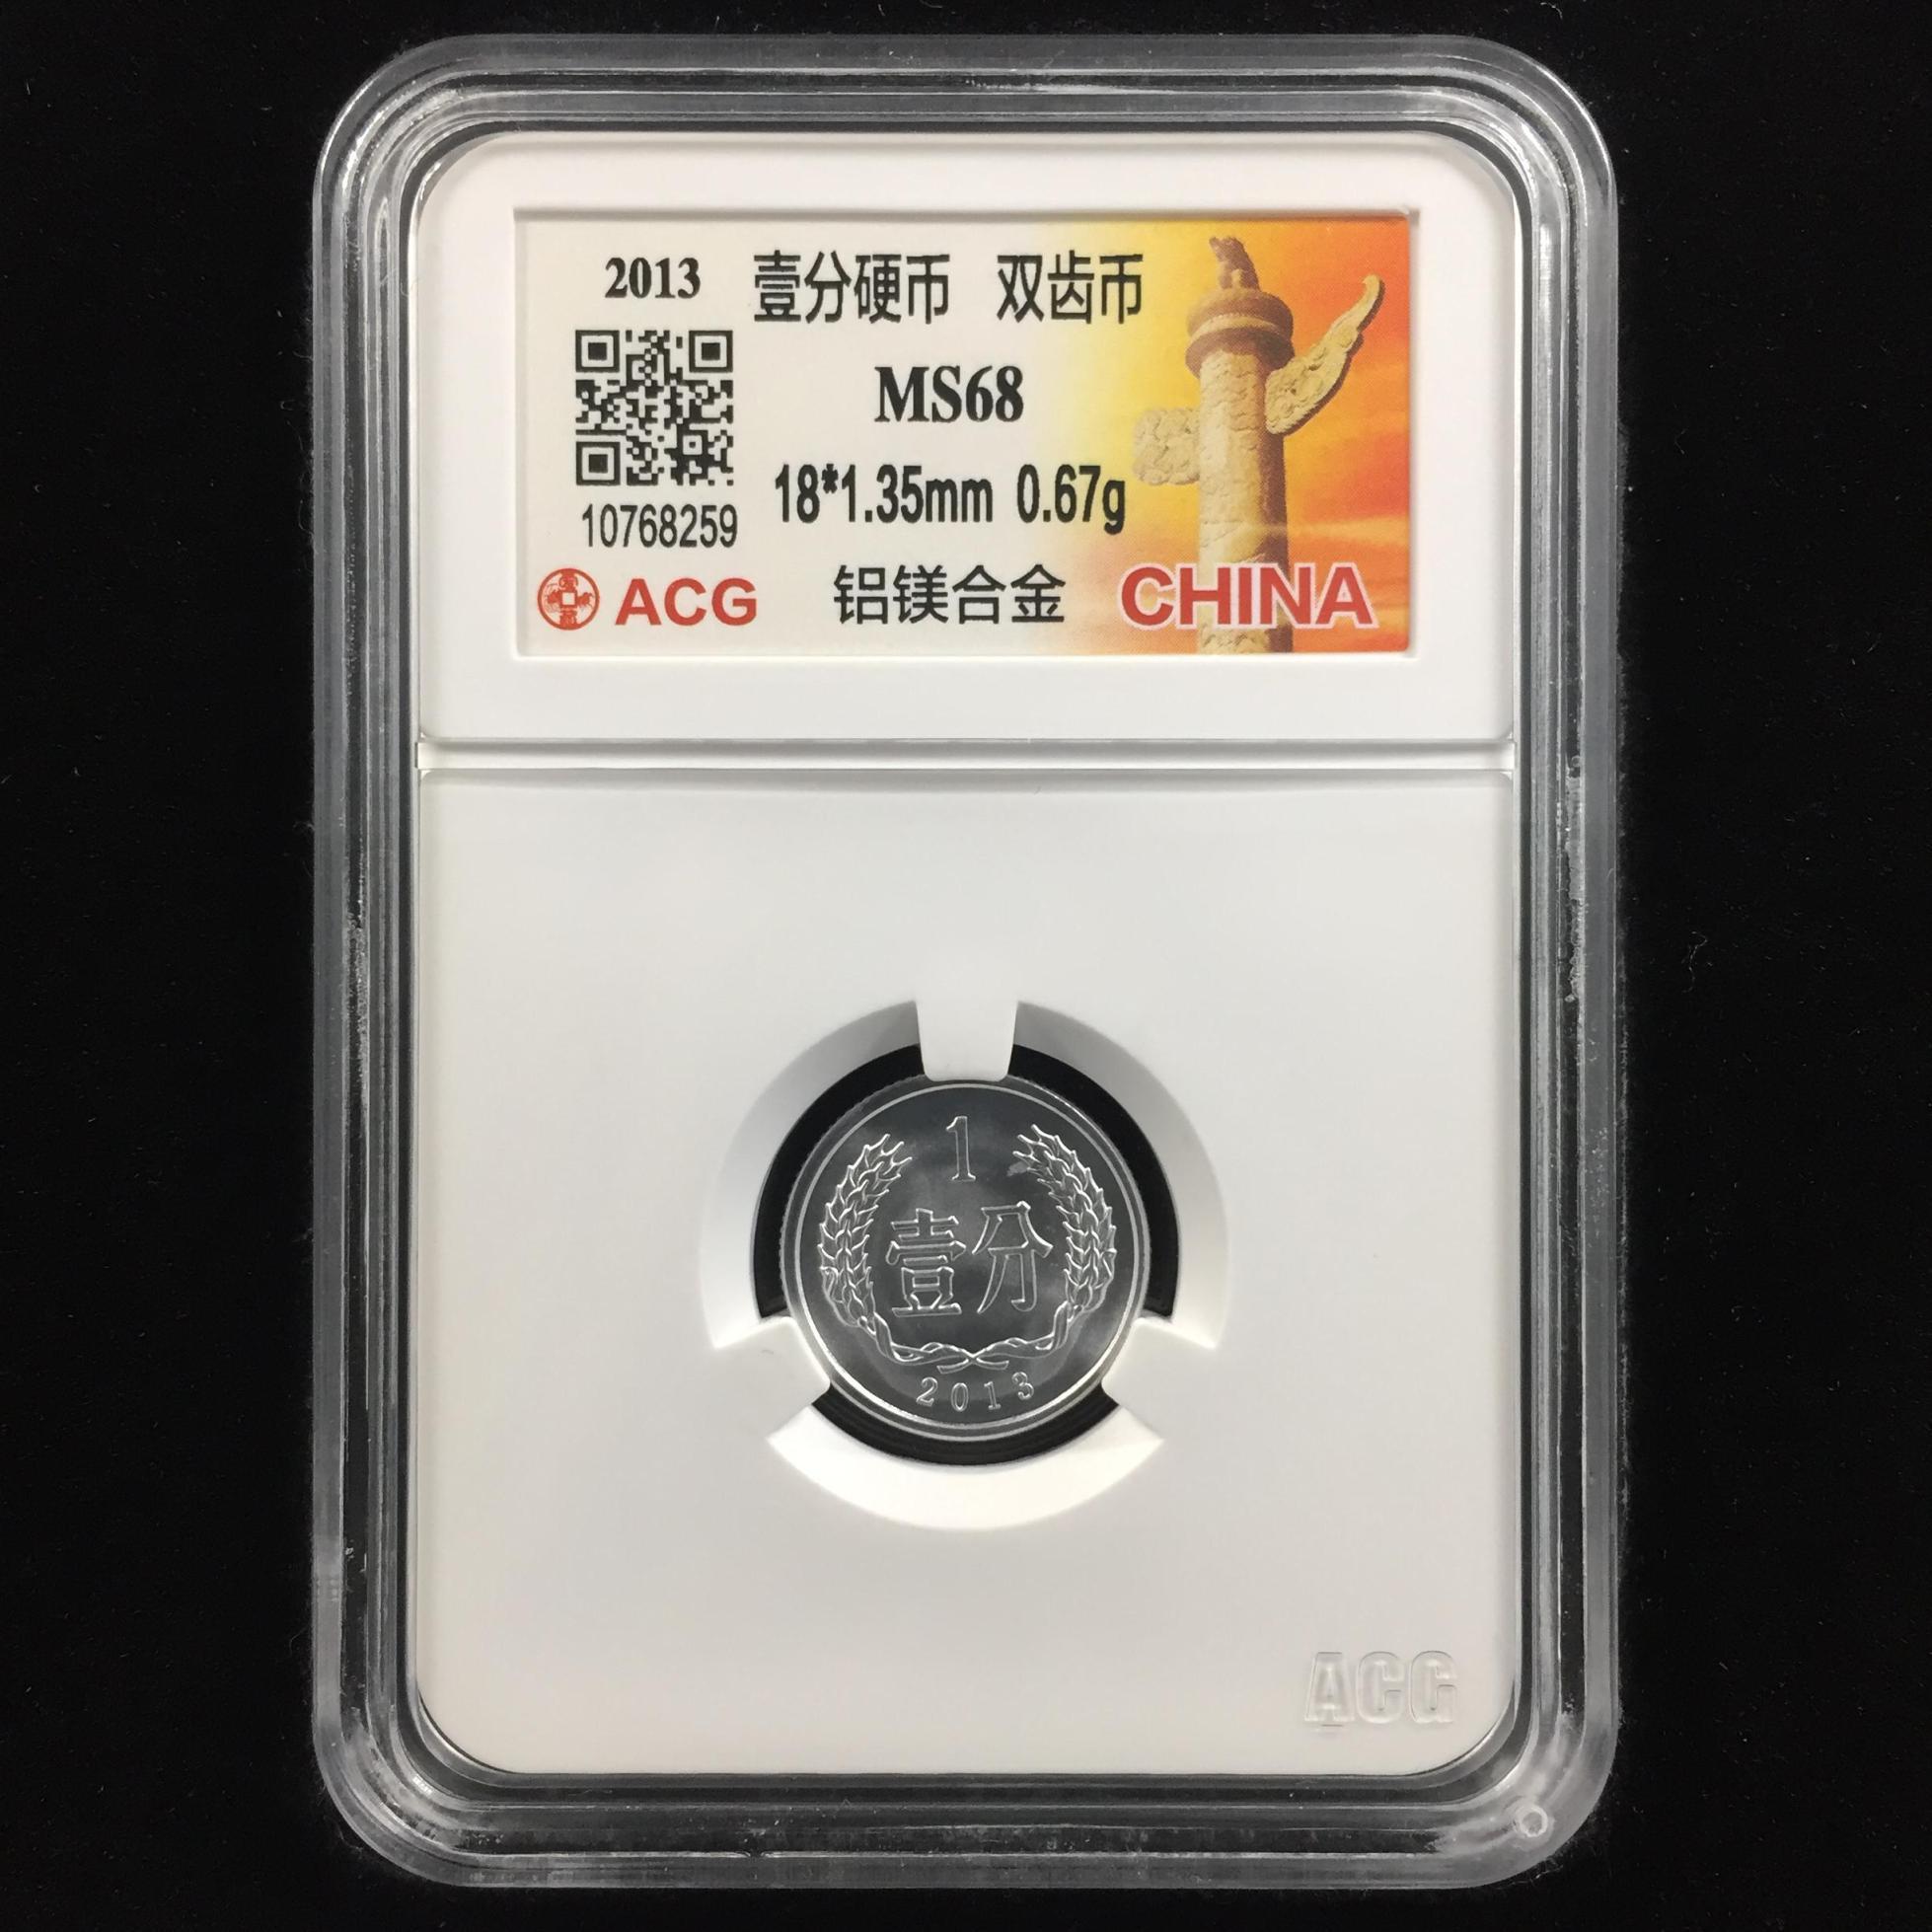 双齿币→2013年1分硬币→ACG鉴定证书-10768259